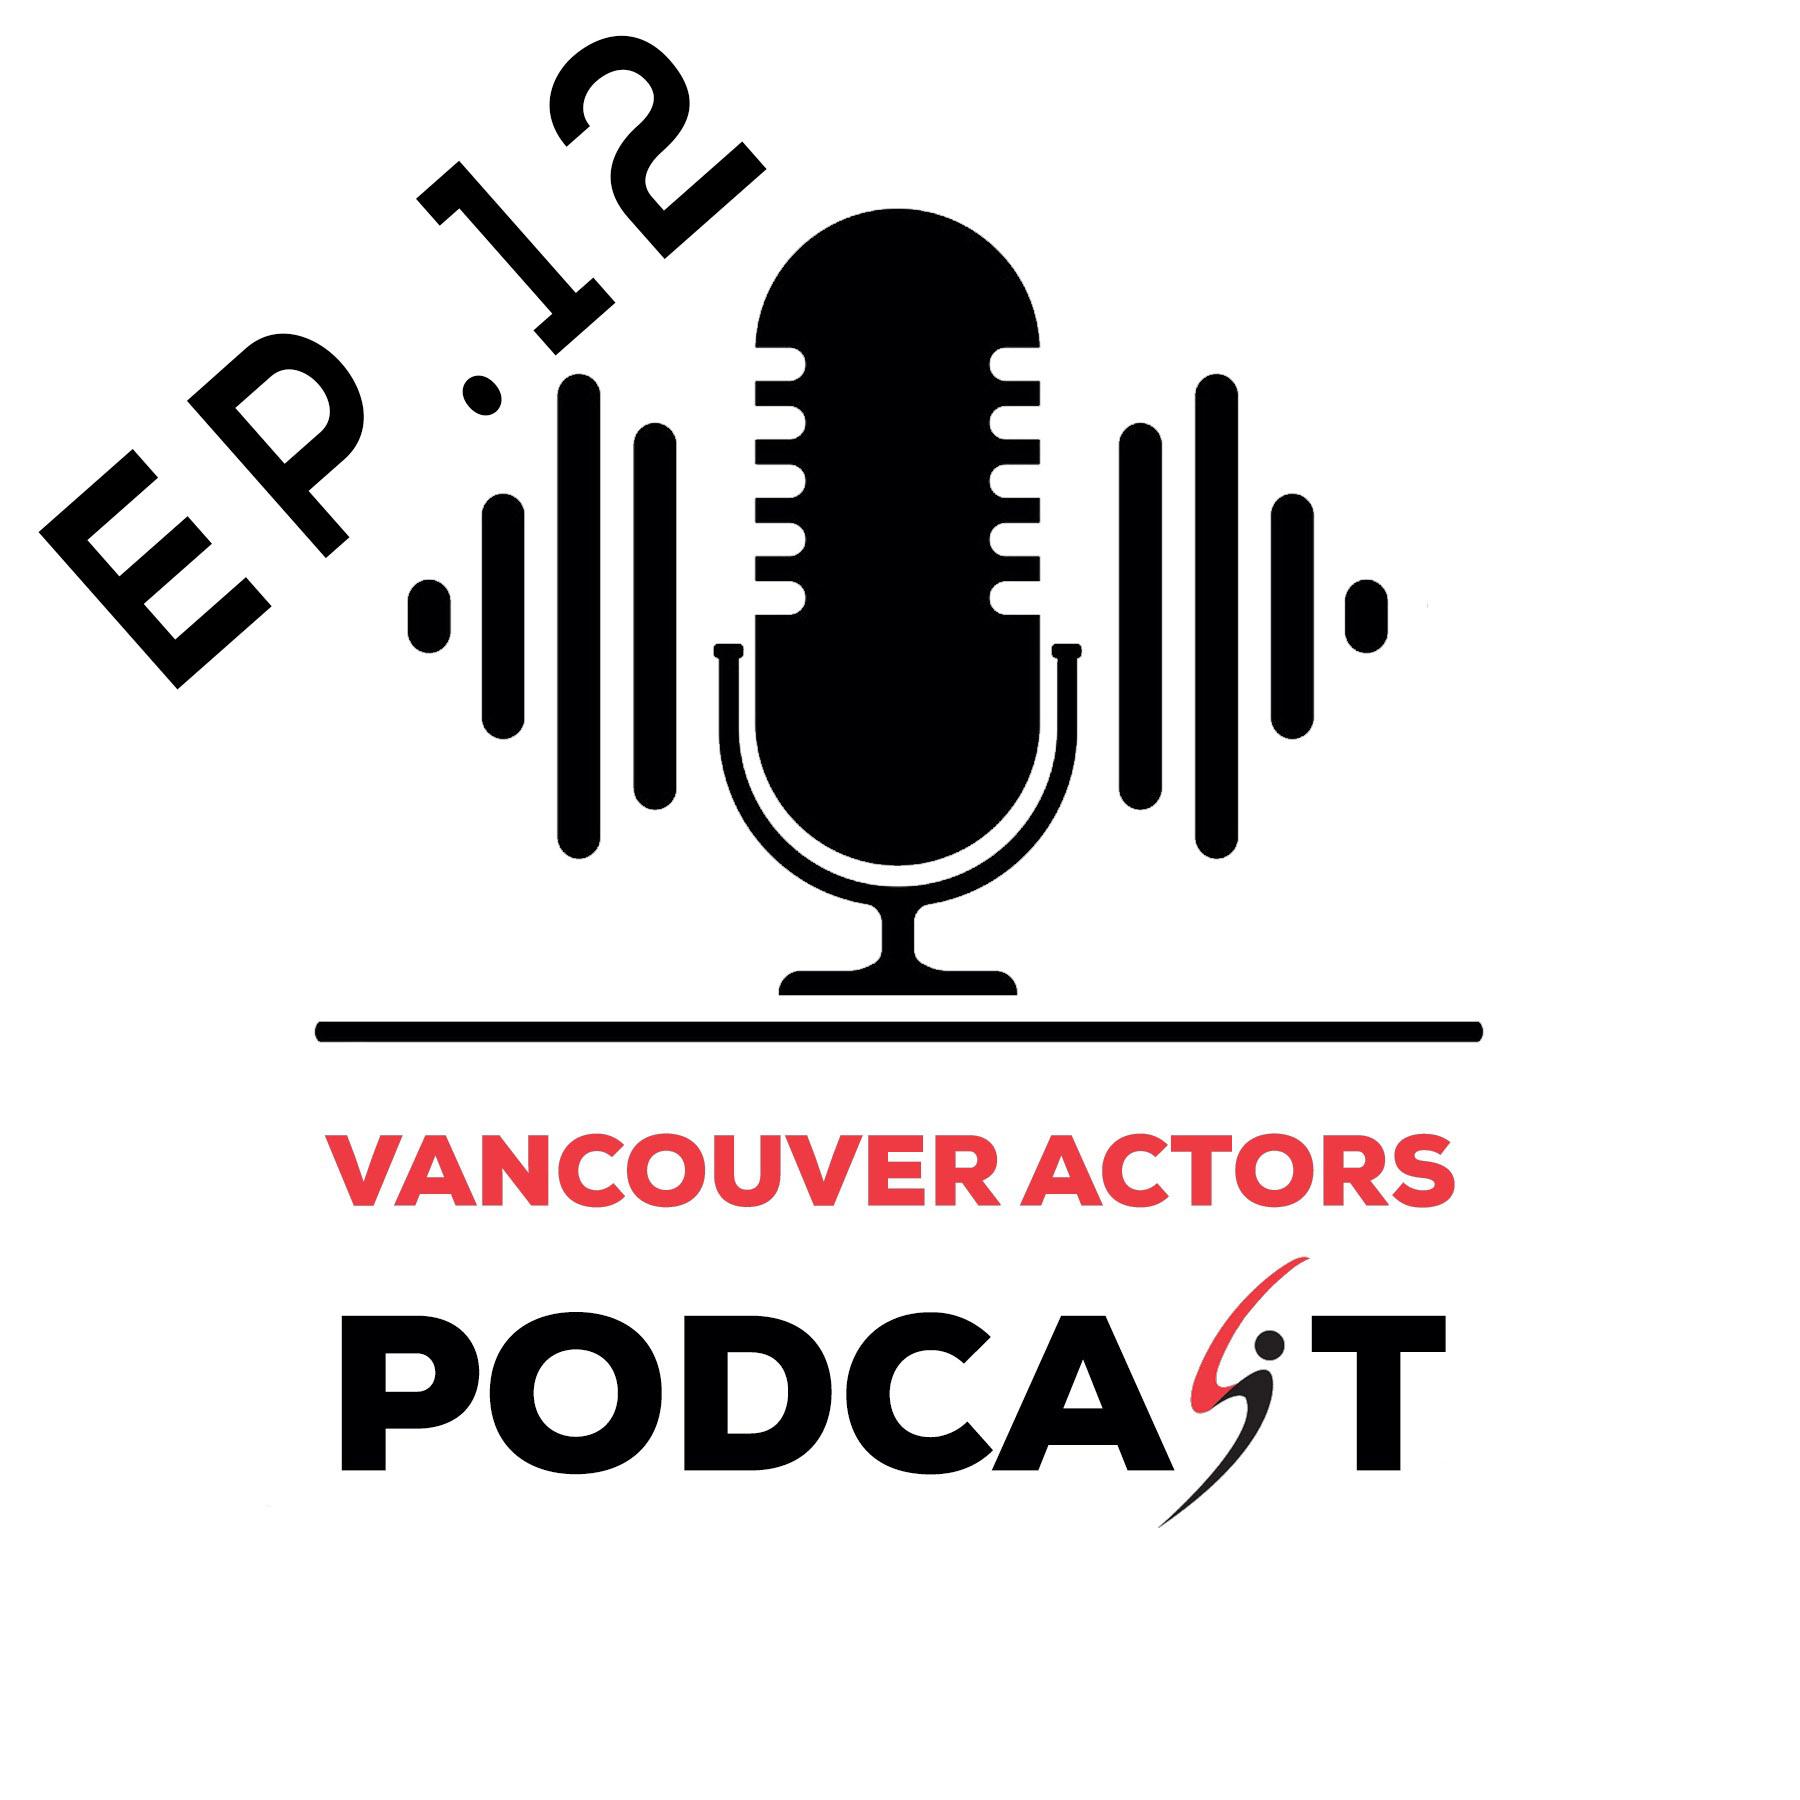 Vancouver Actors Podcast Michael Coleman Ep. 12